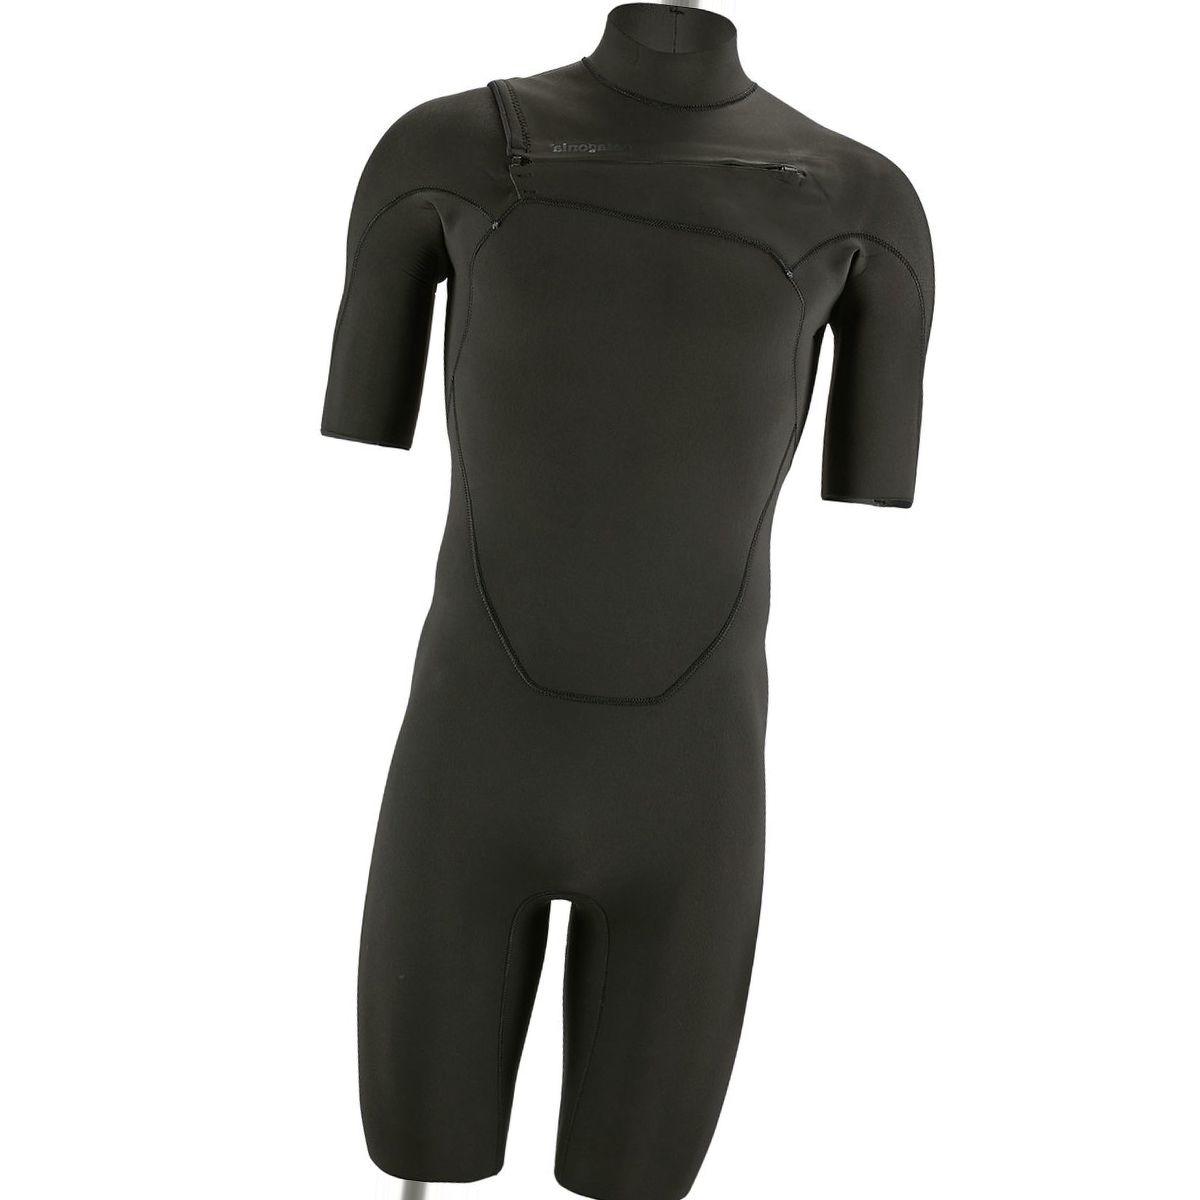 Patagonia R1 Lite Yulex Front-Zip Spring Suit - Men's